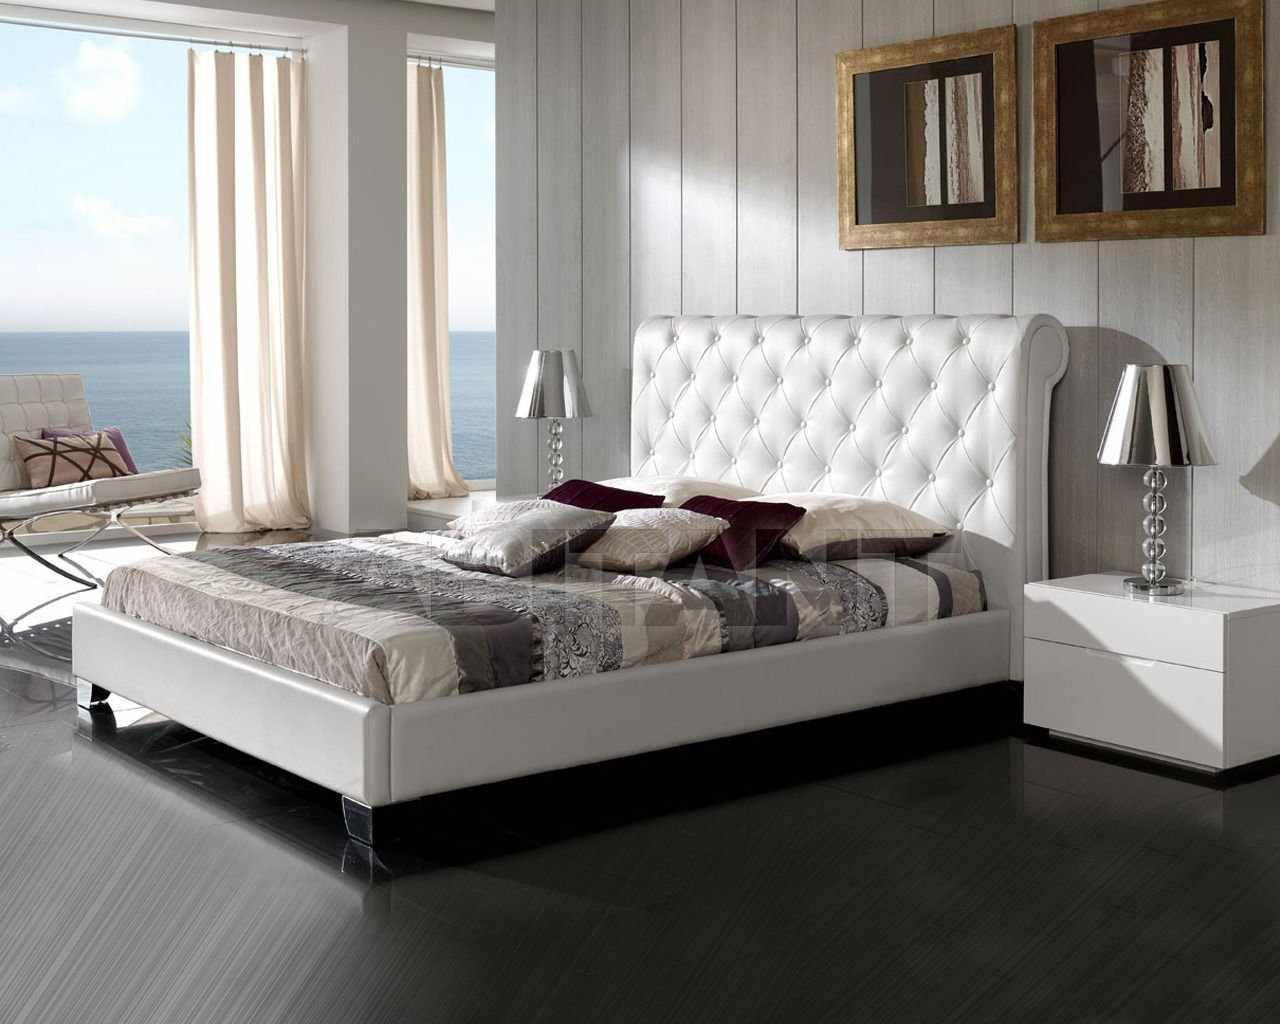 Кровать с матрасом в интерьере